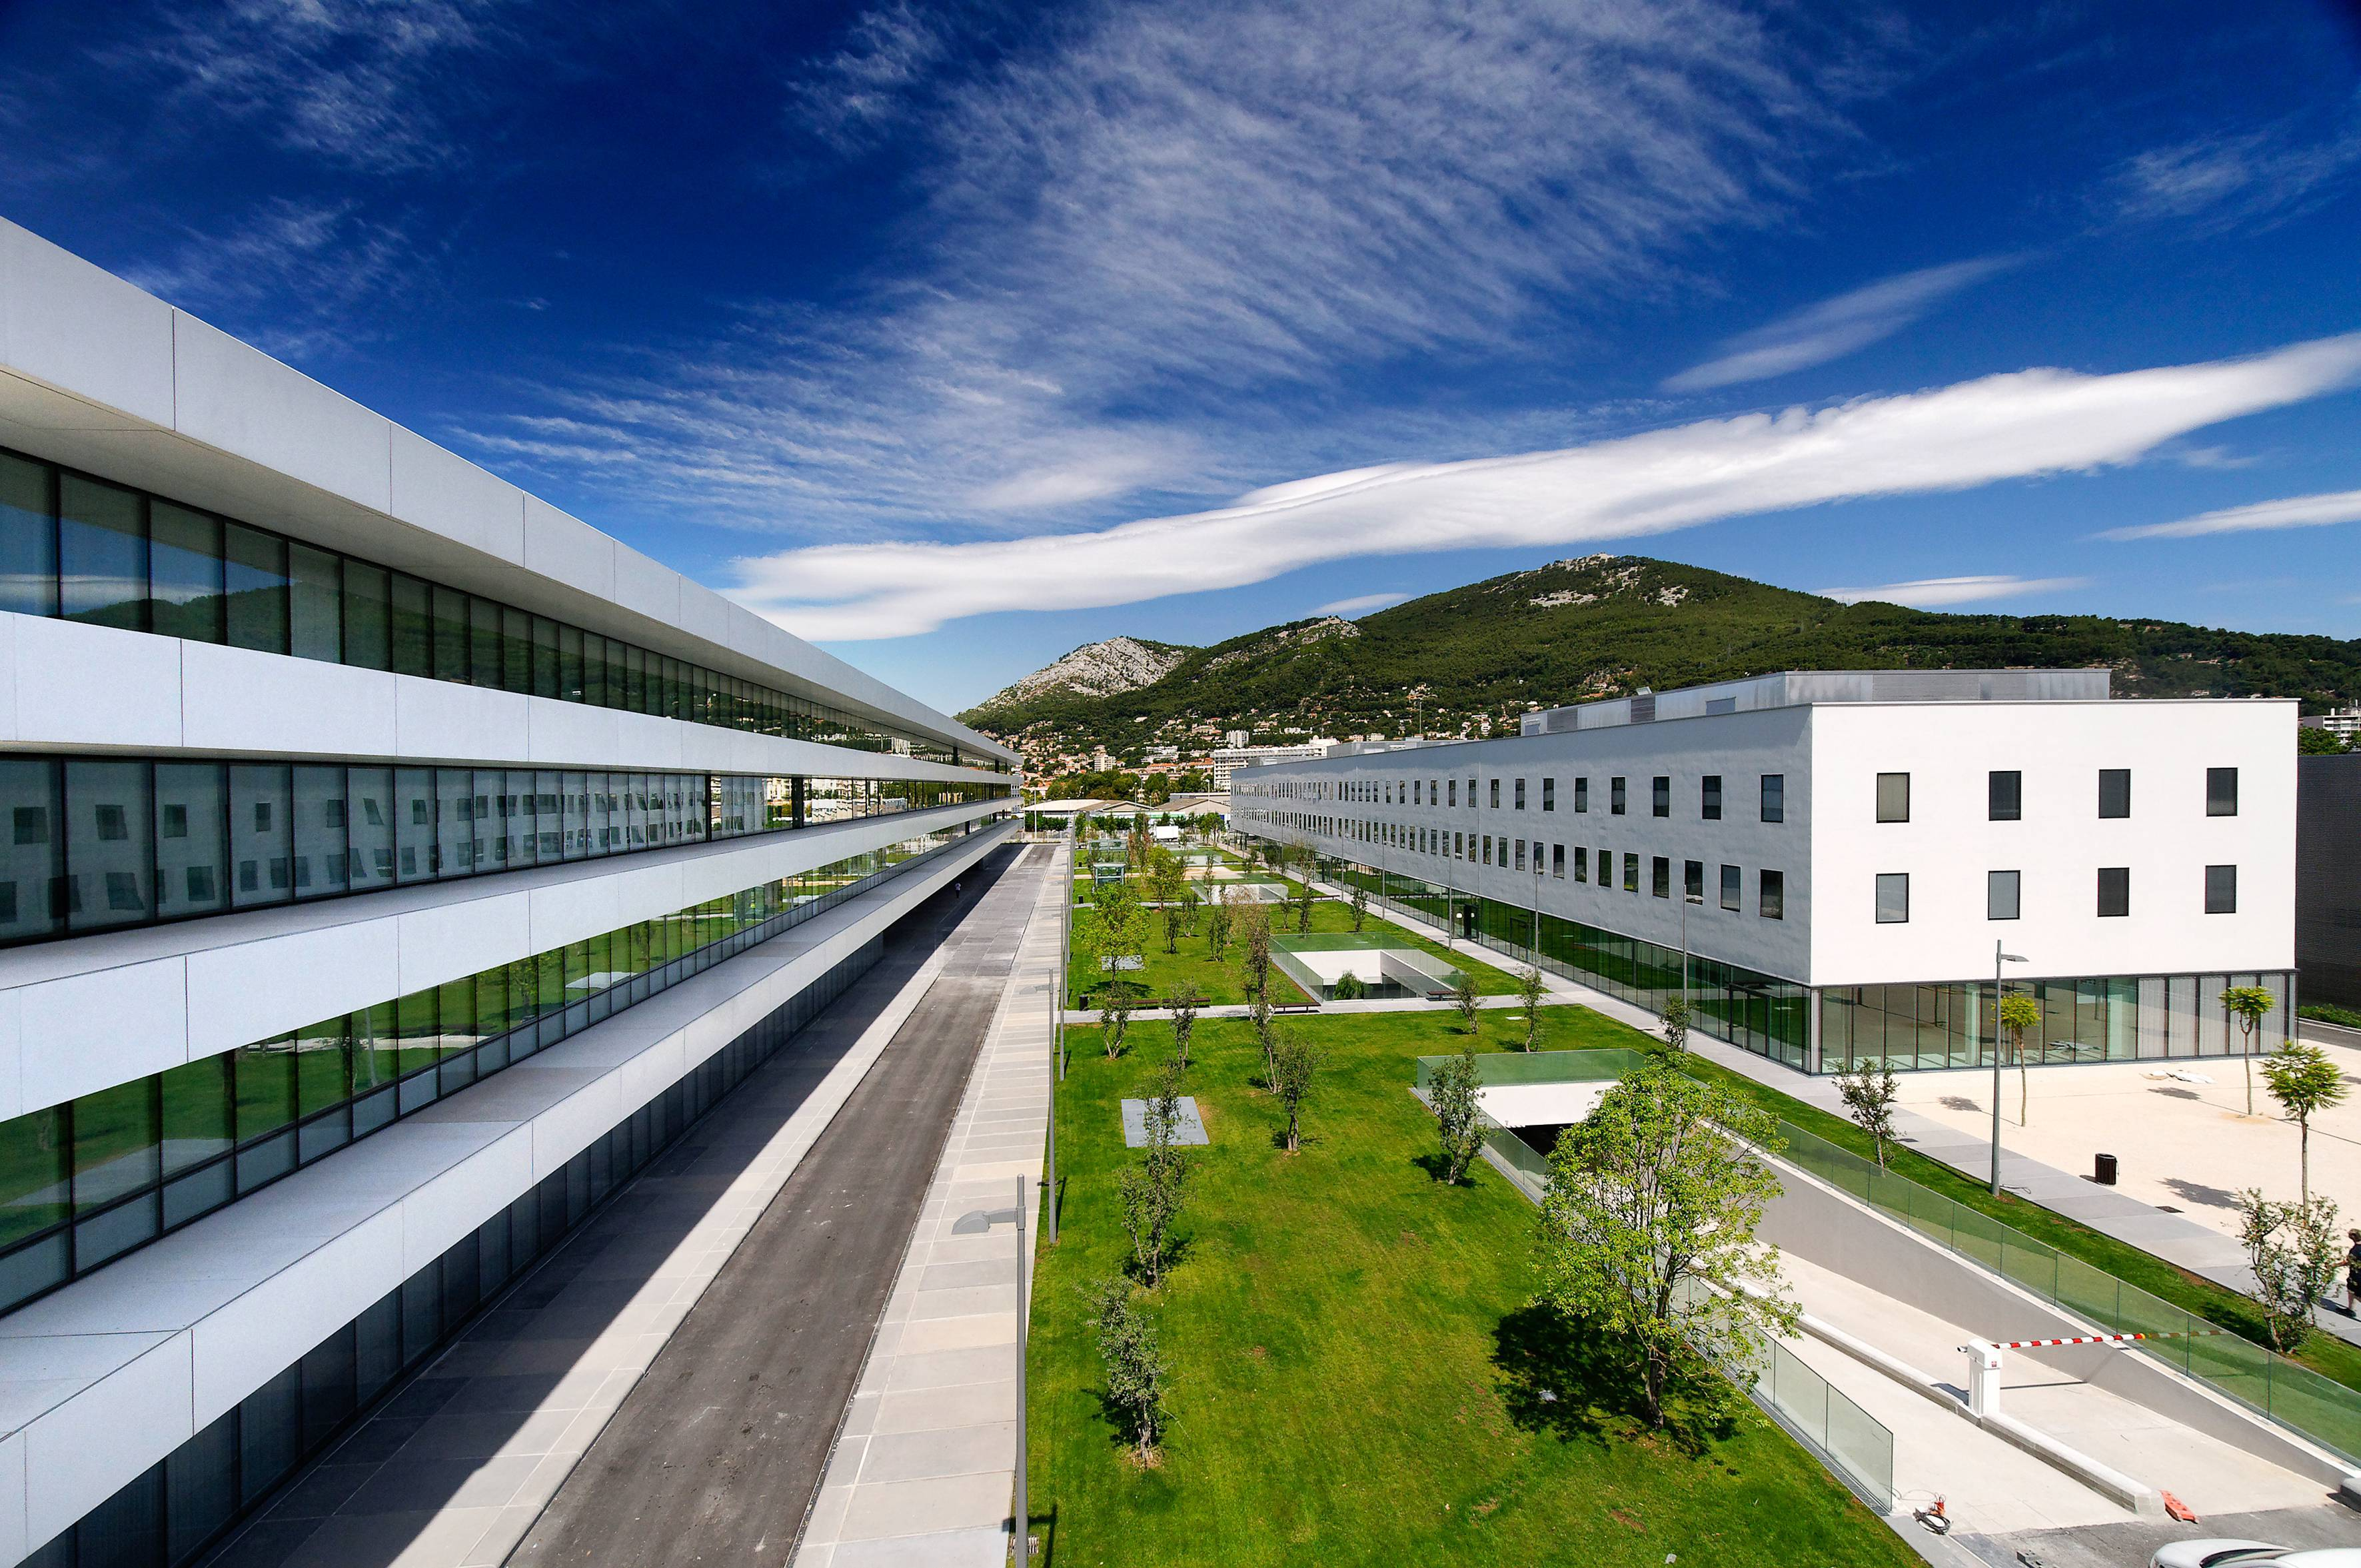 C.H.I.T.S. Hôpital Sainte Musse (Toulon)